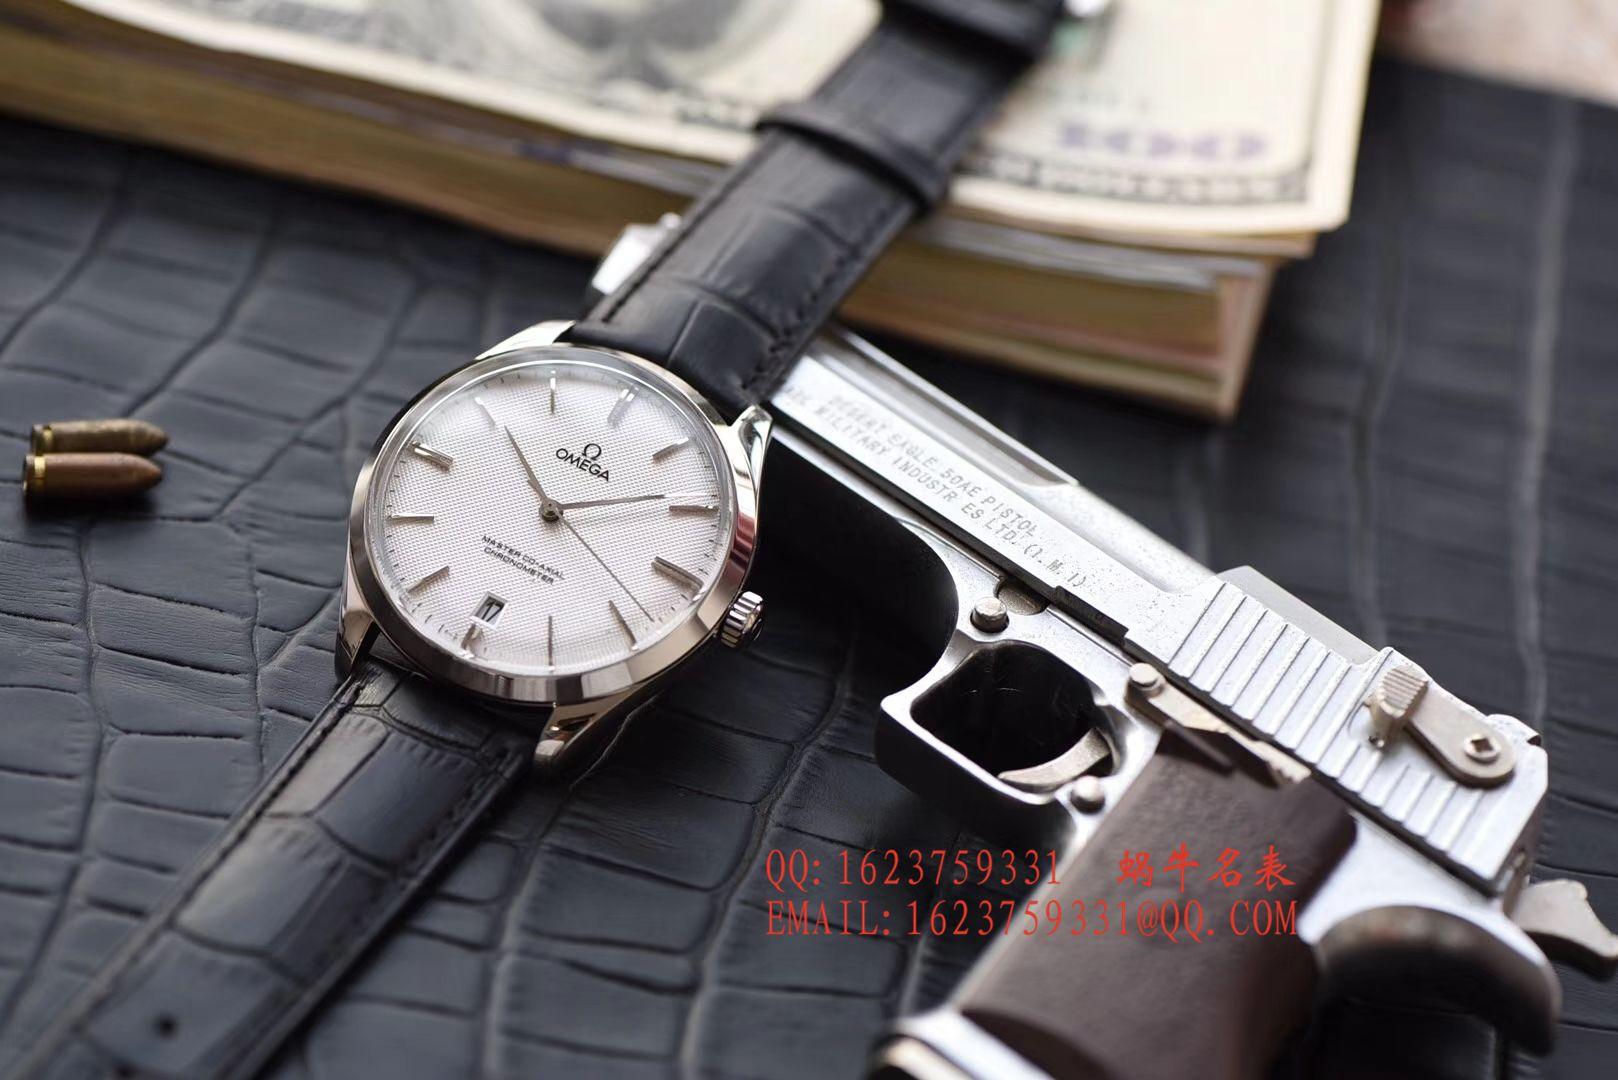 【KW一比一超A精仿手表】欧米茄蝶飞名典系列432.53.40.21.02.004腕表